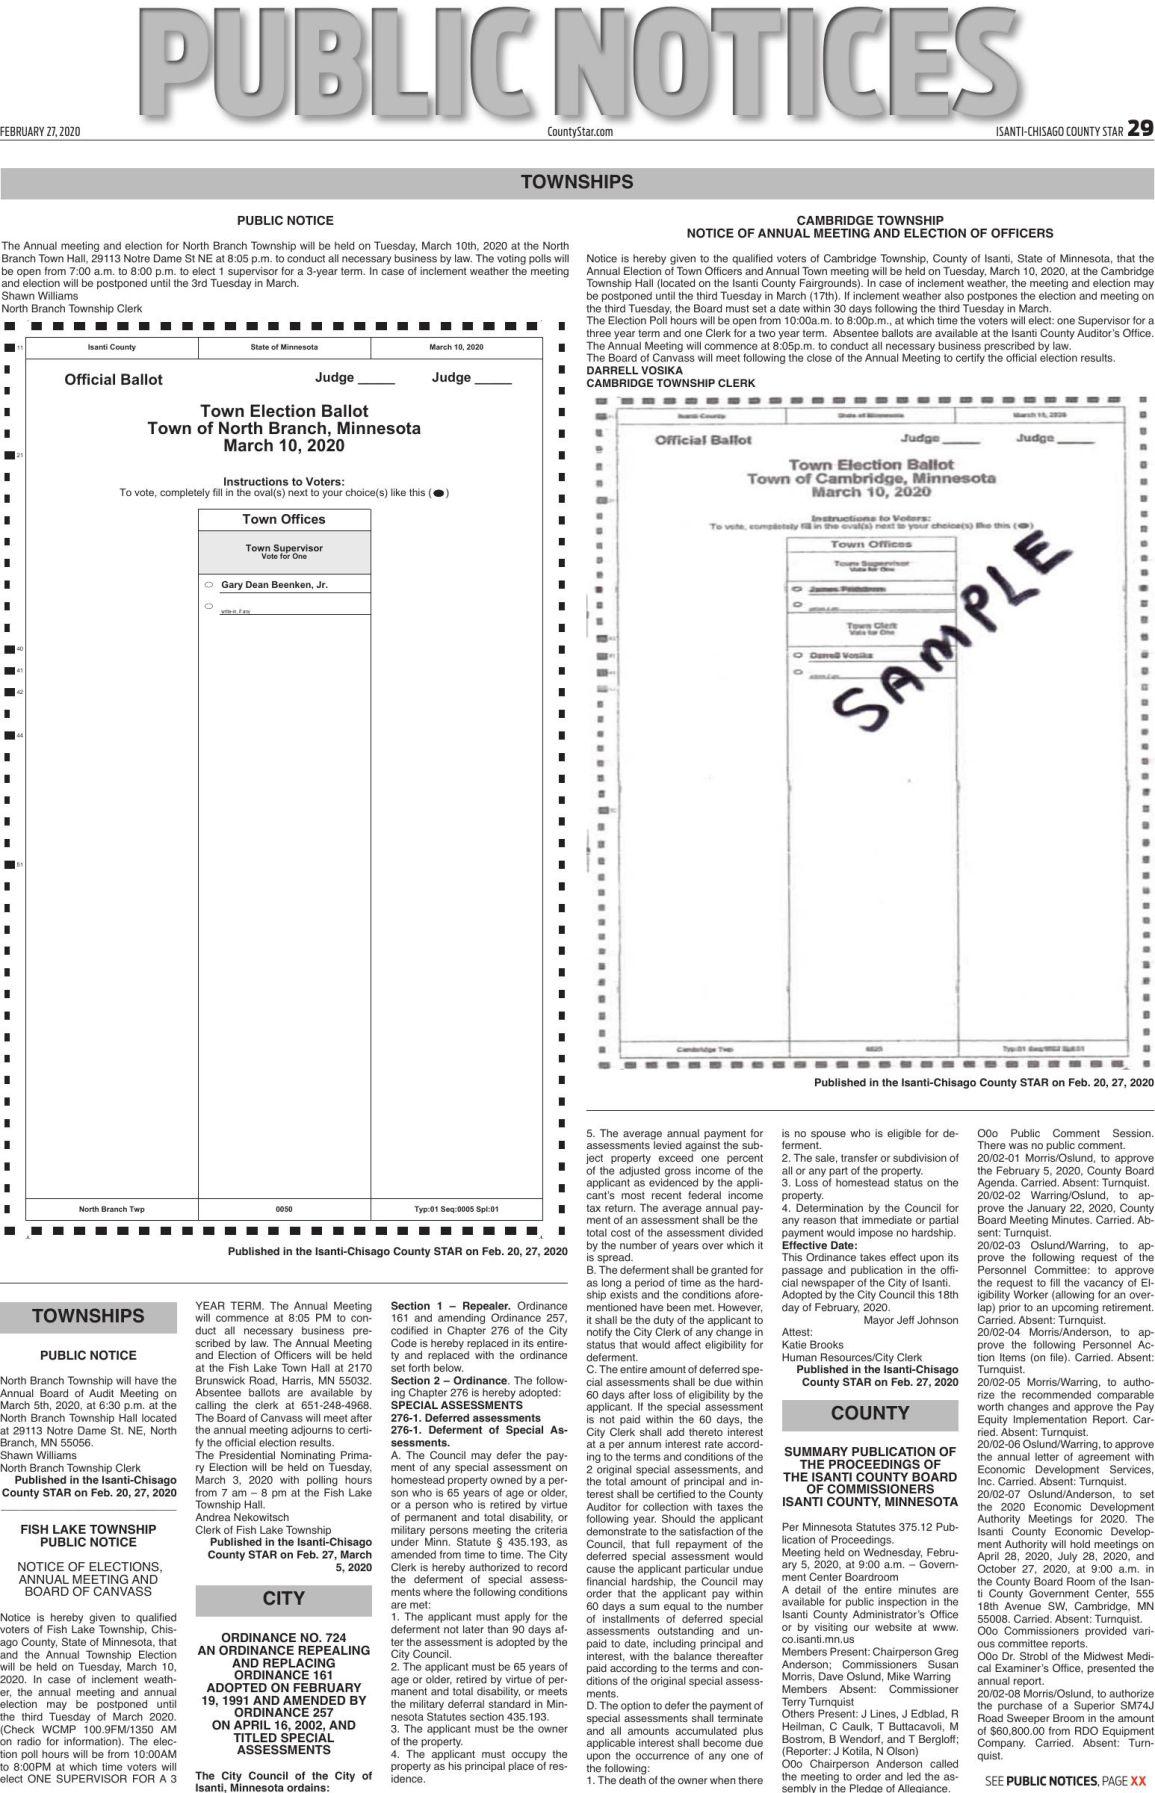 Public Notices - Feb. 27, 2020